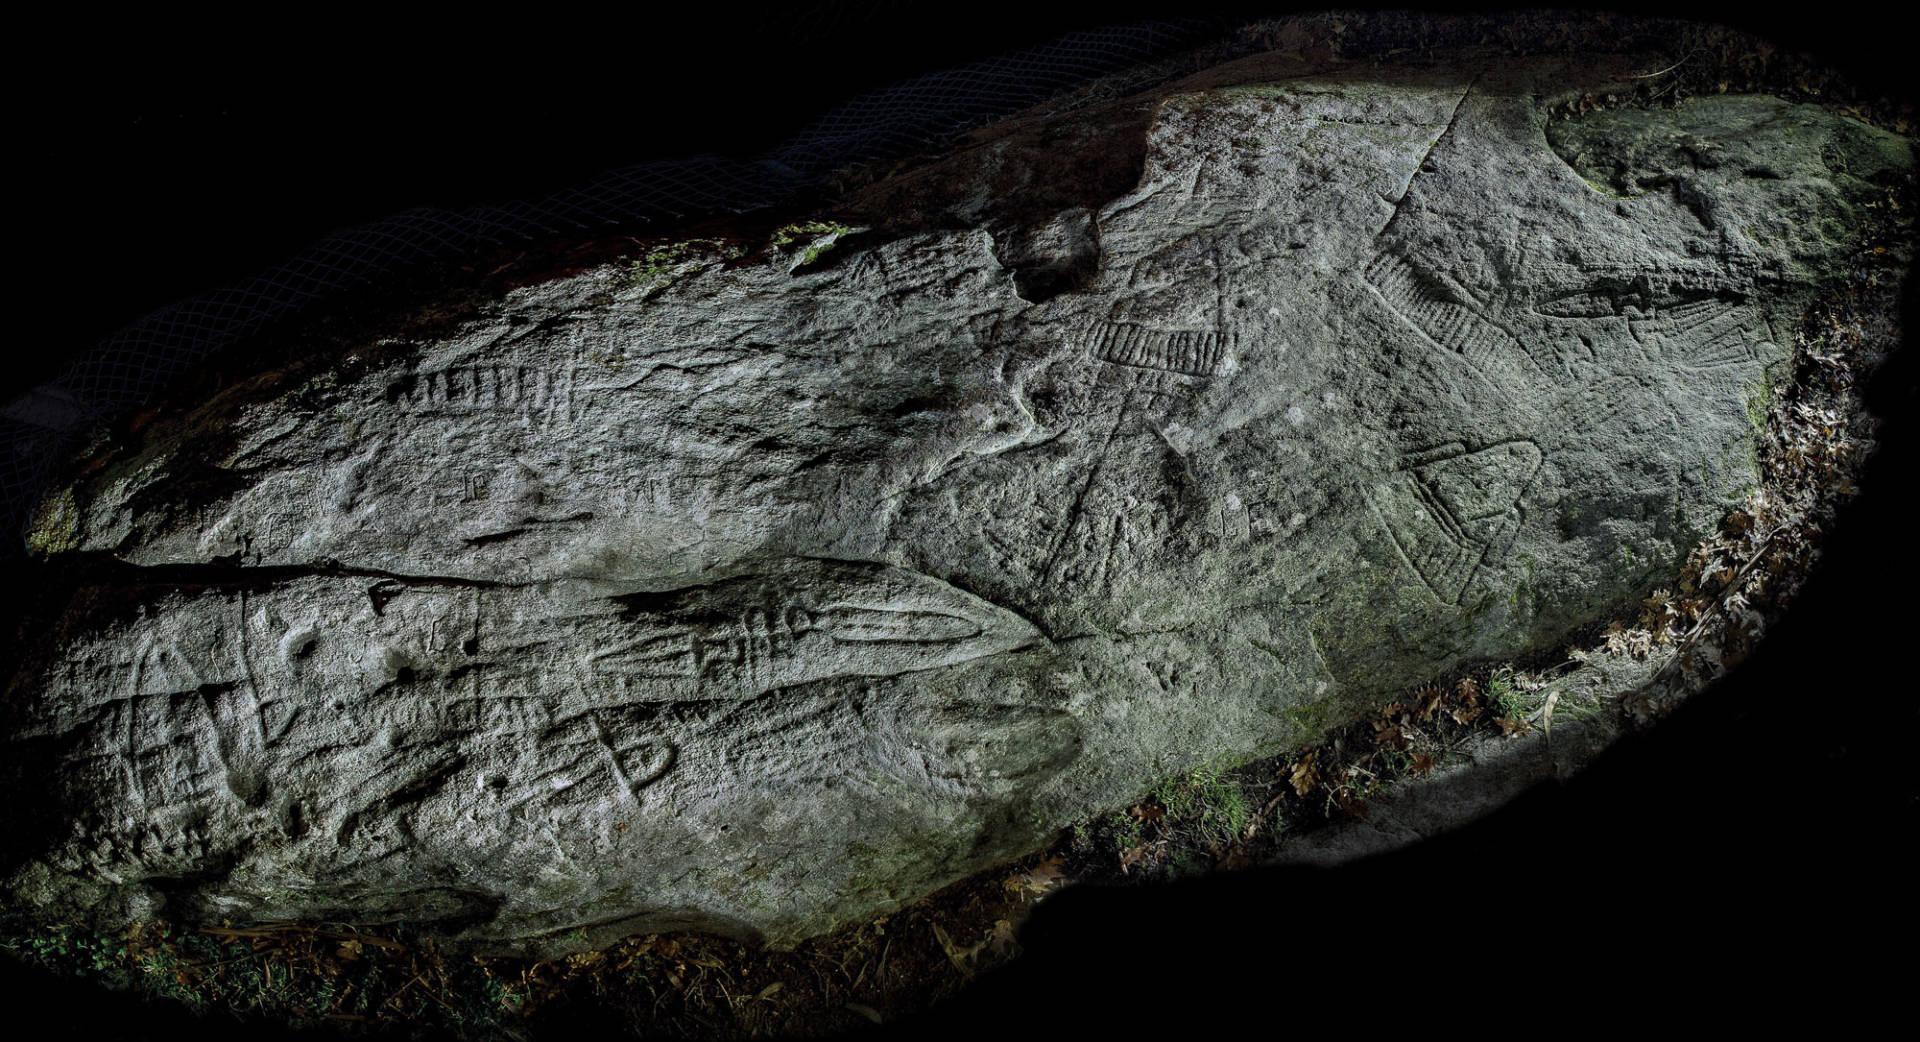 Vista xeral nocturna do Petróglifo de Conxo. ©Colectivo a Rula.